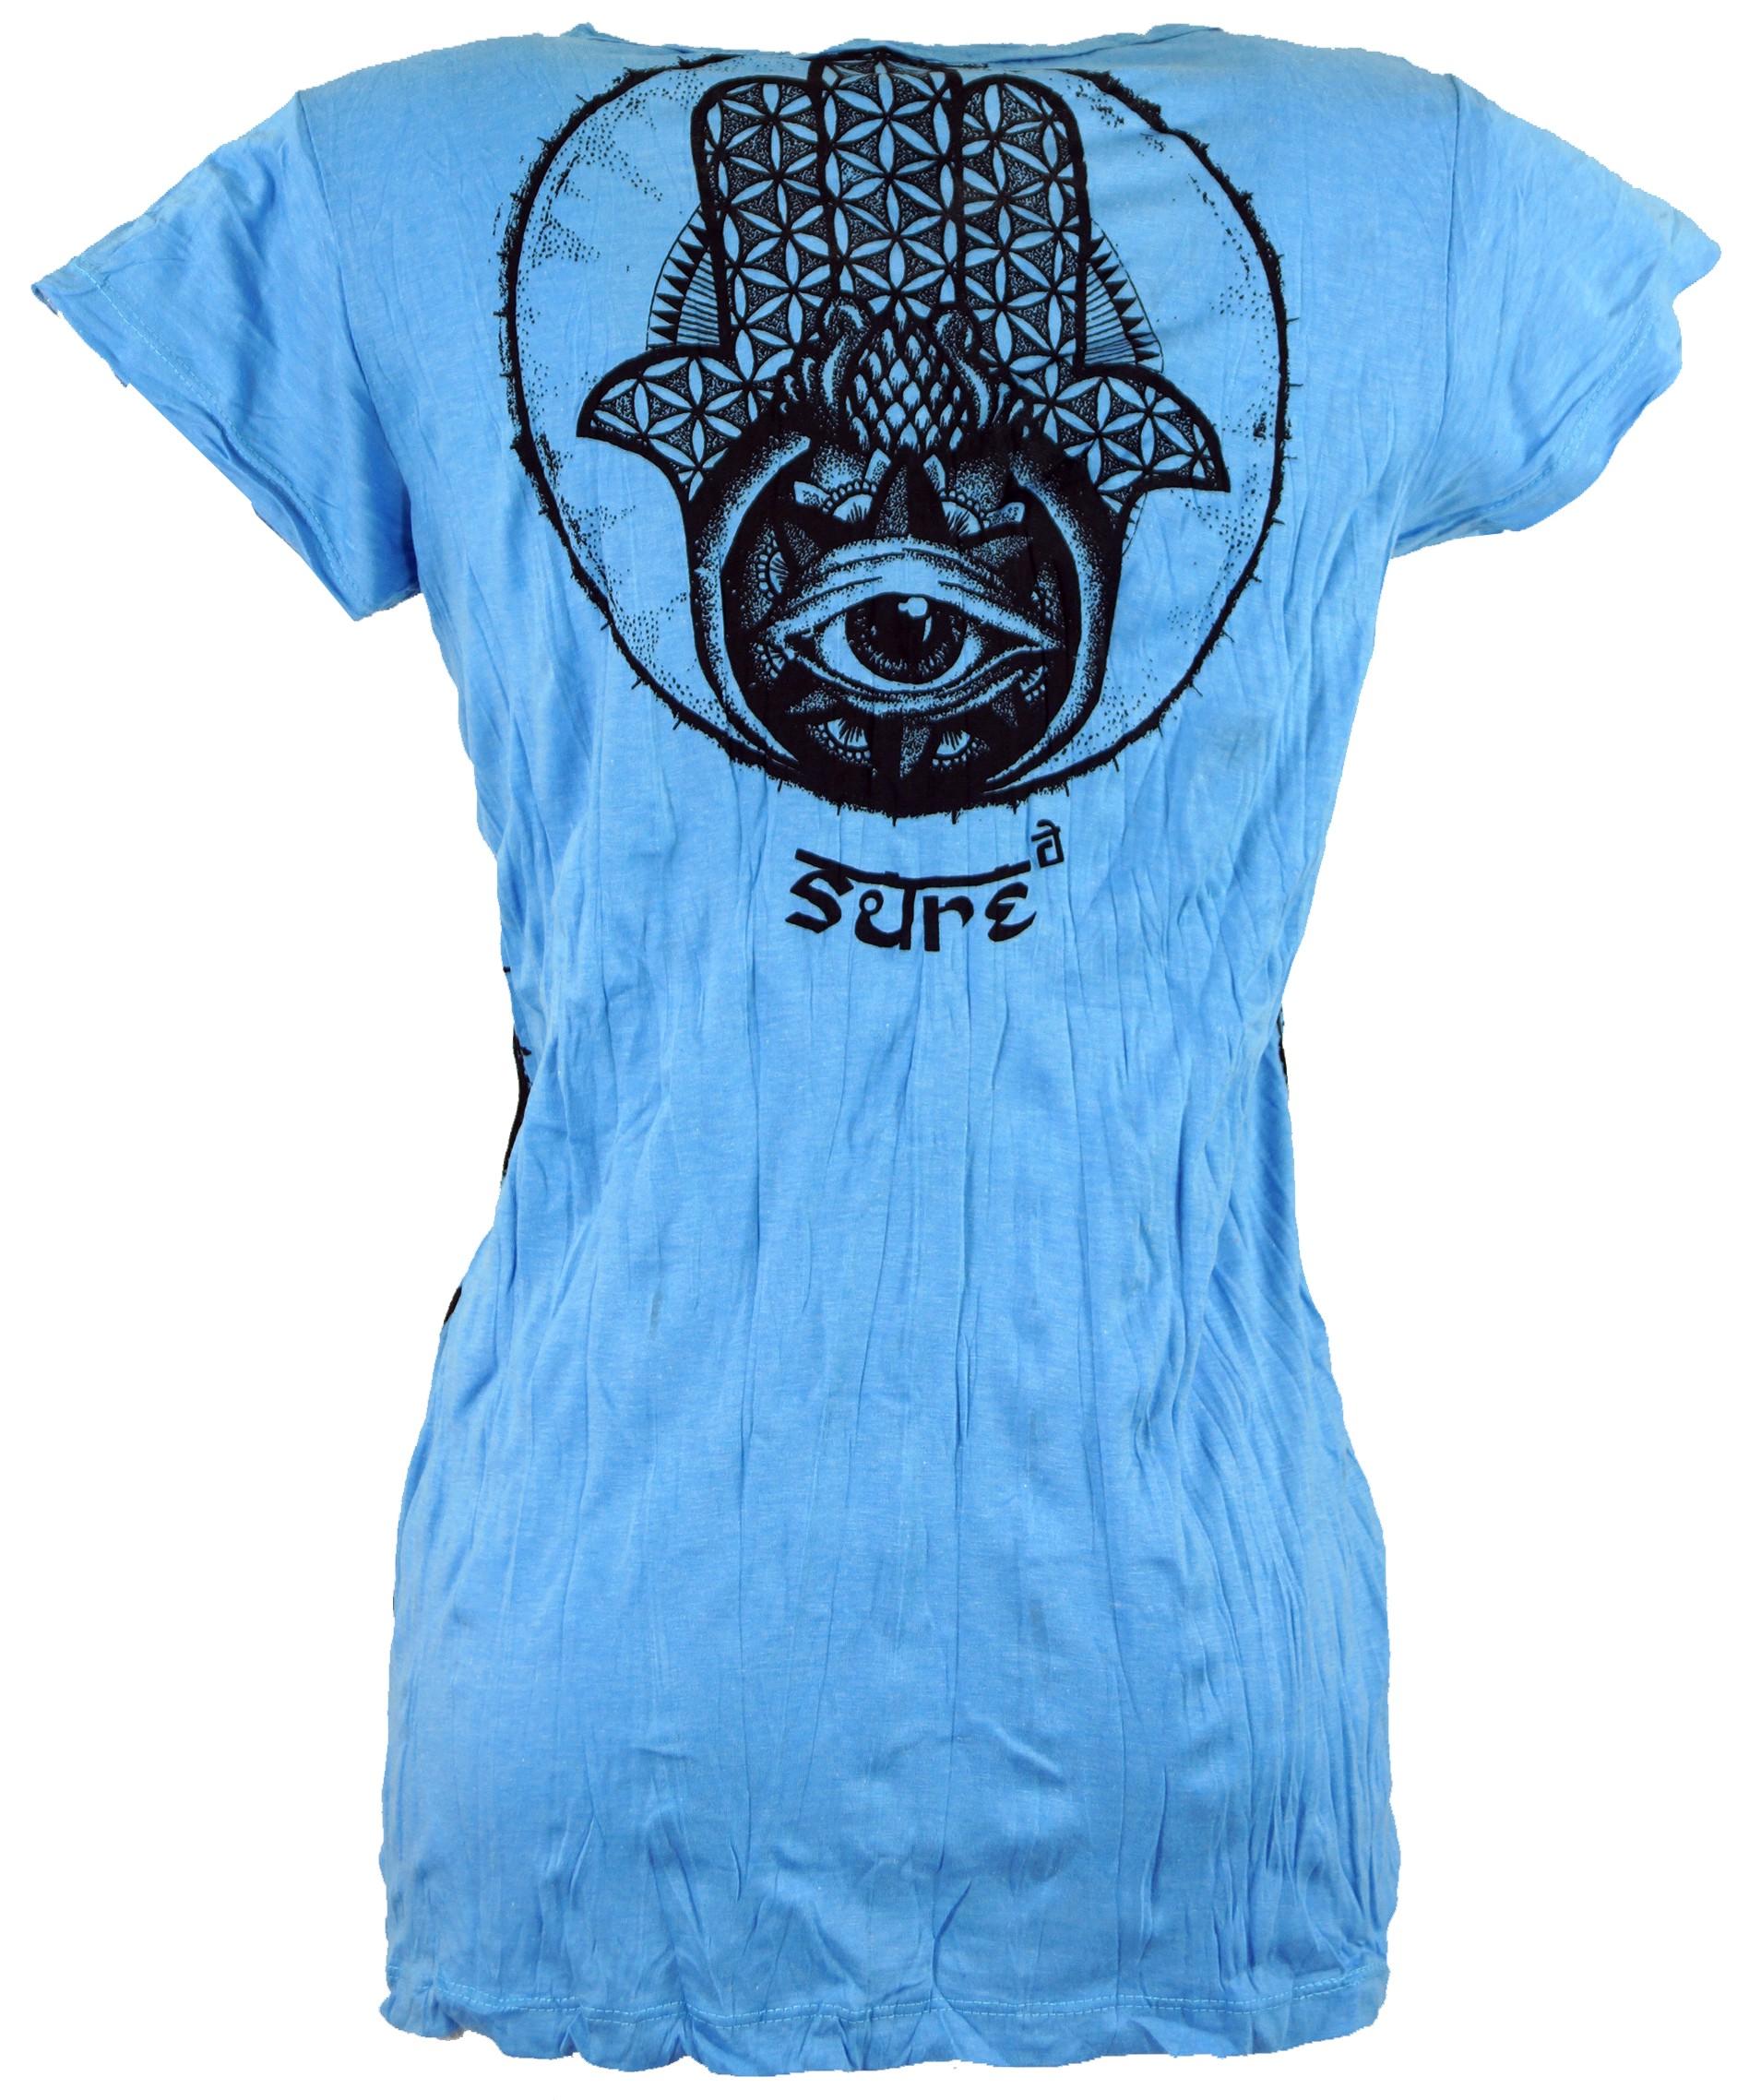 Sure T-Shirt Fatimas Hand - hellblau